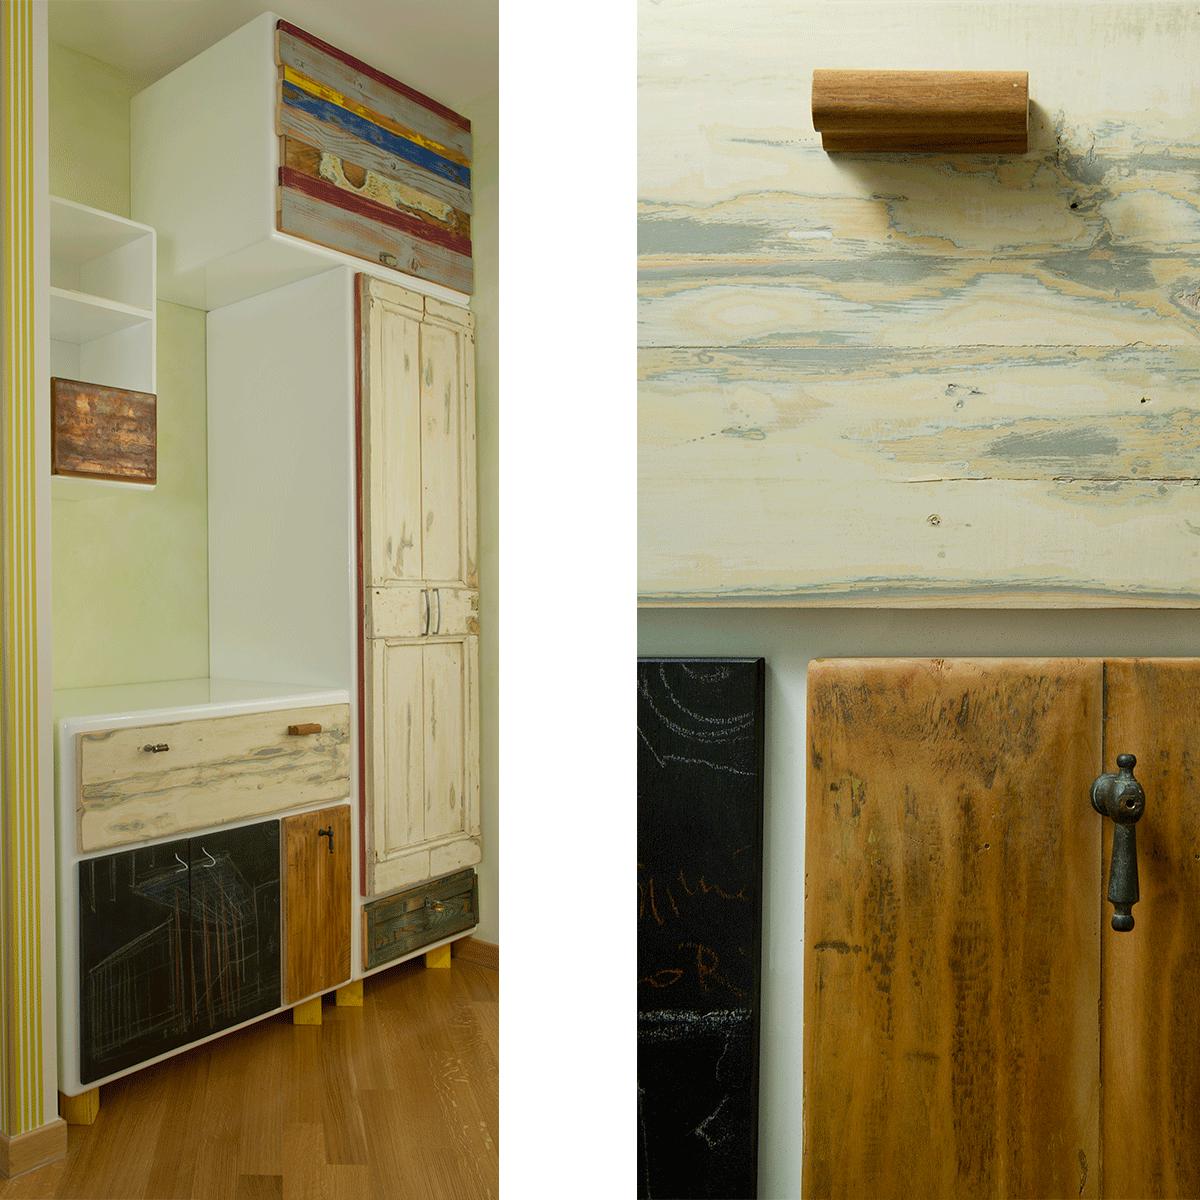 parete ingresso con mobili in legno vintage e lavagna nera